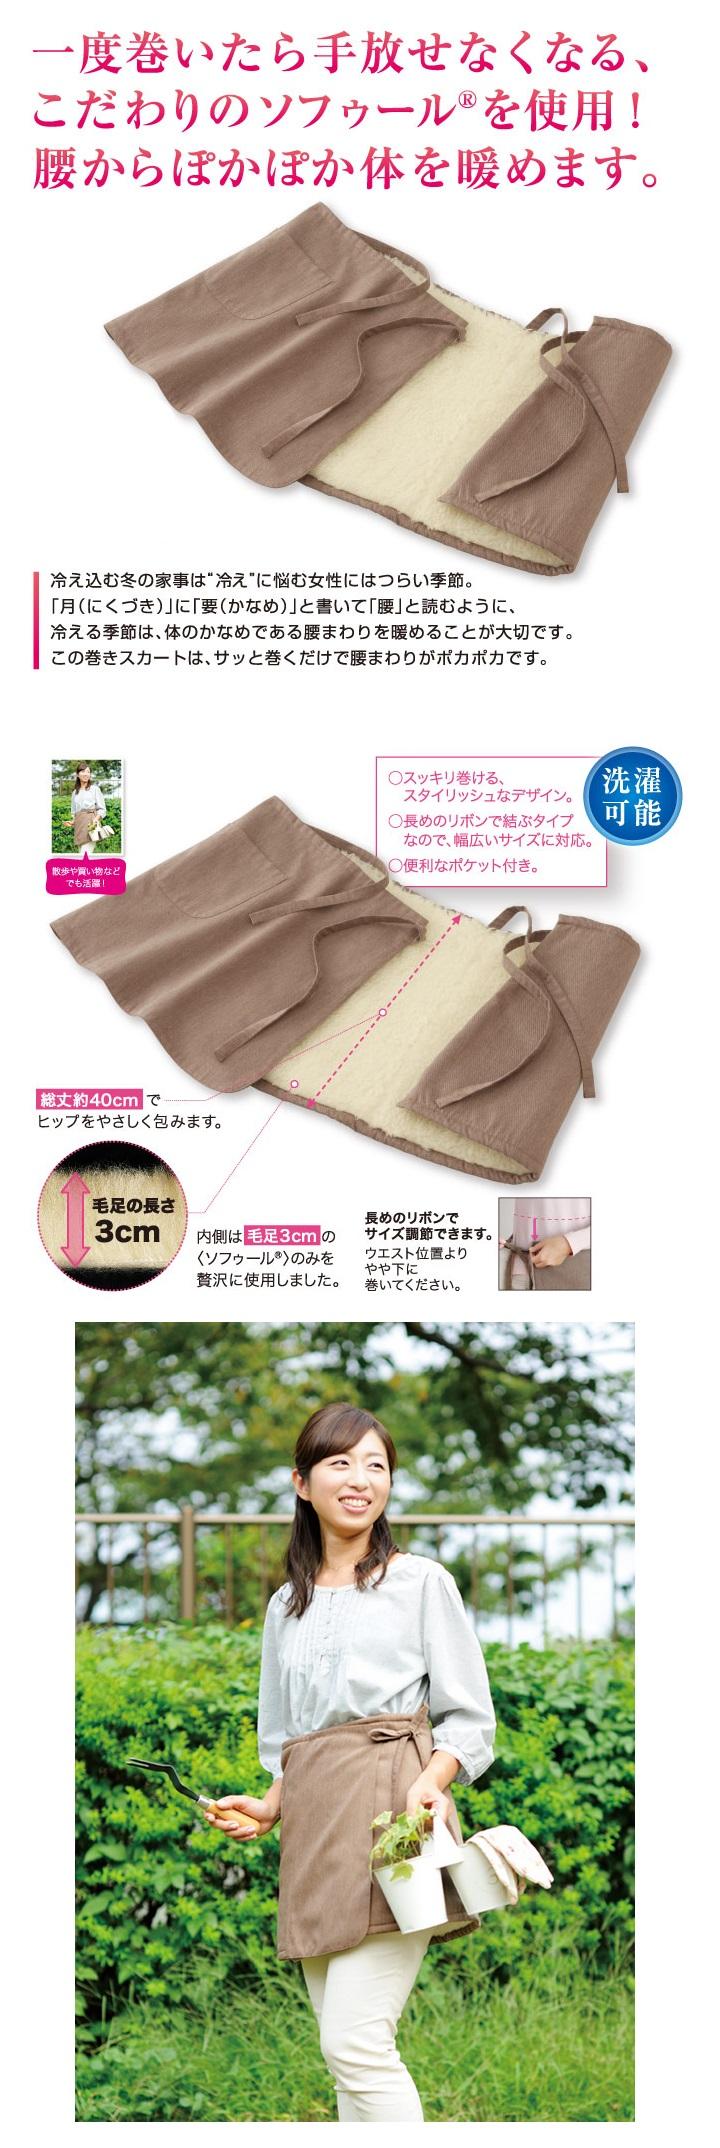 ソフール巻きスカート